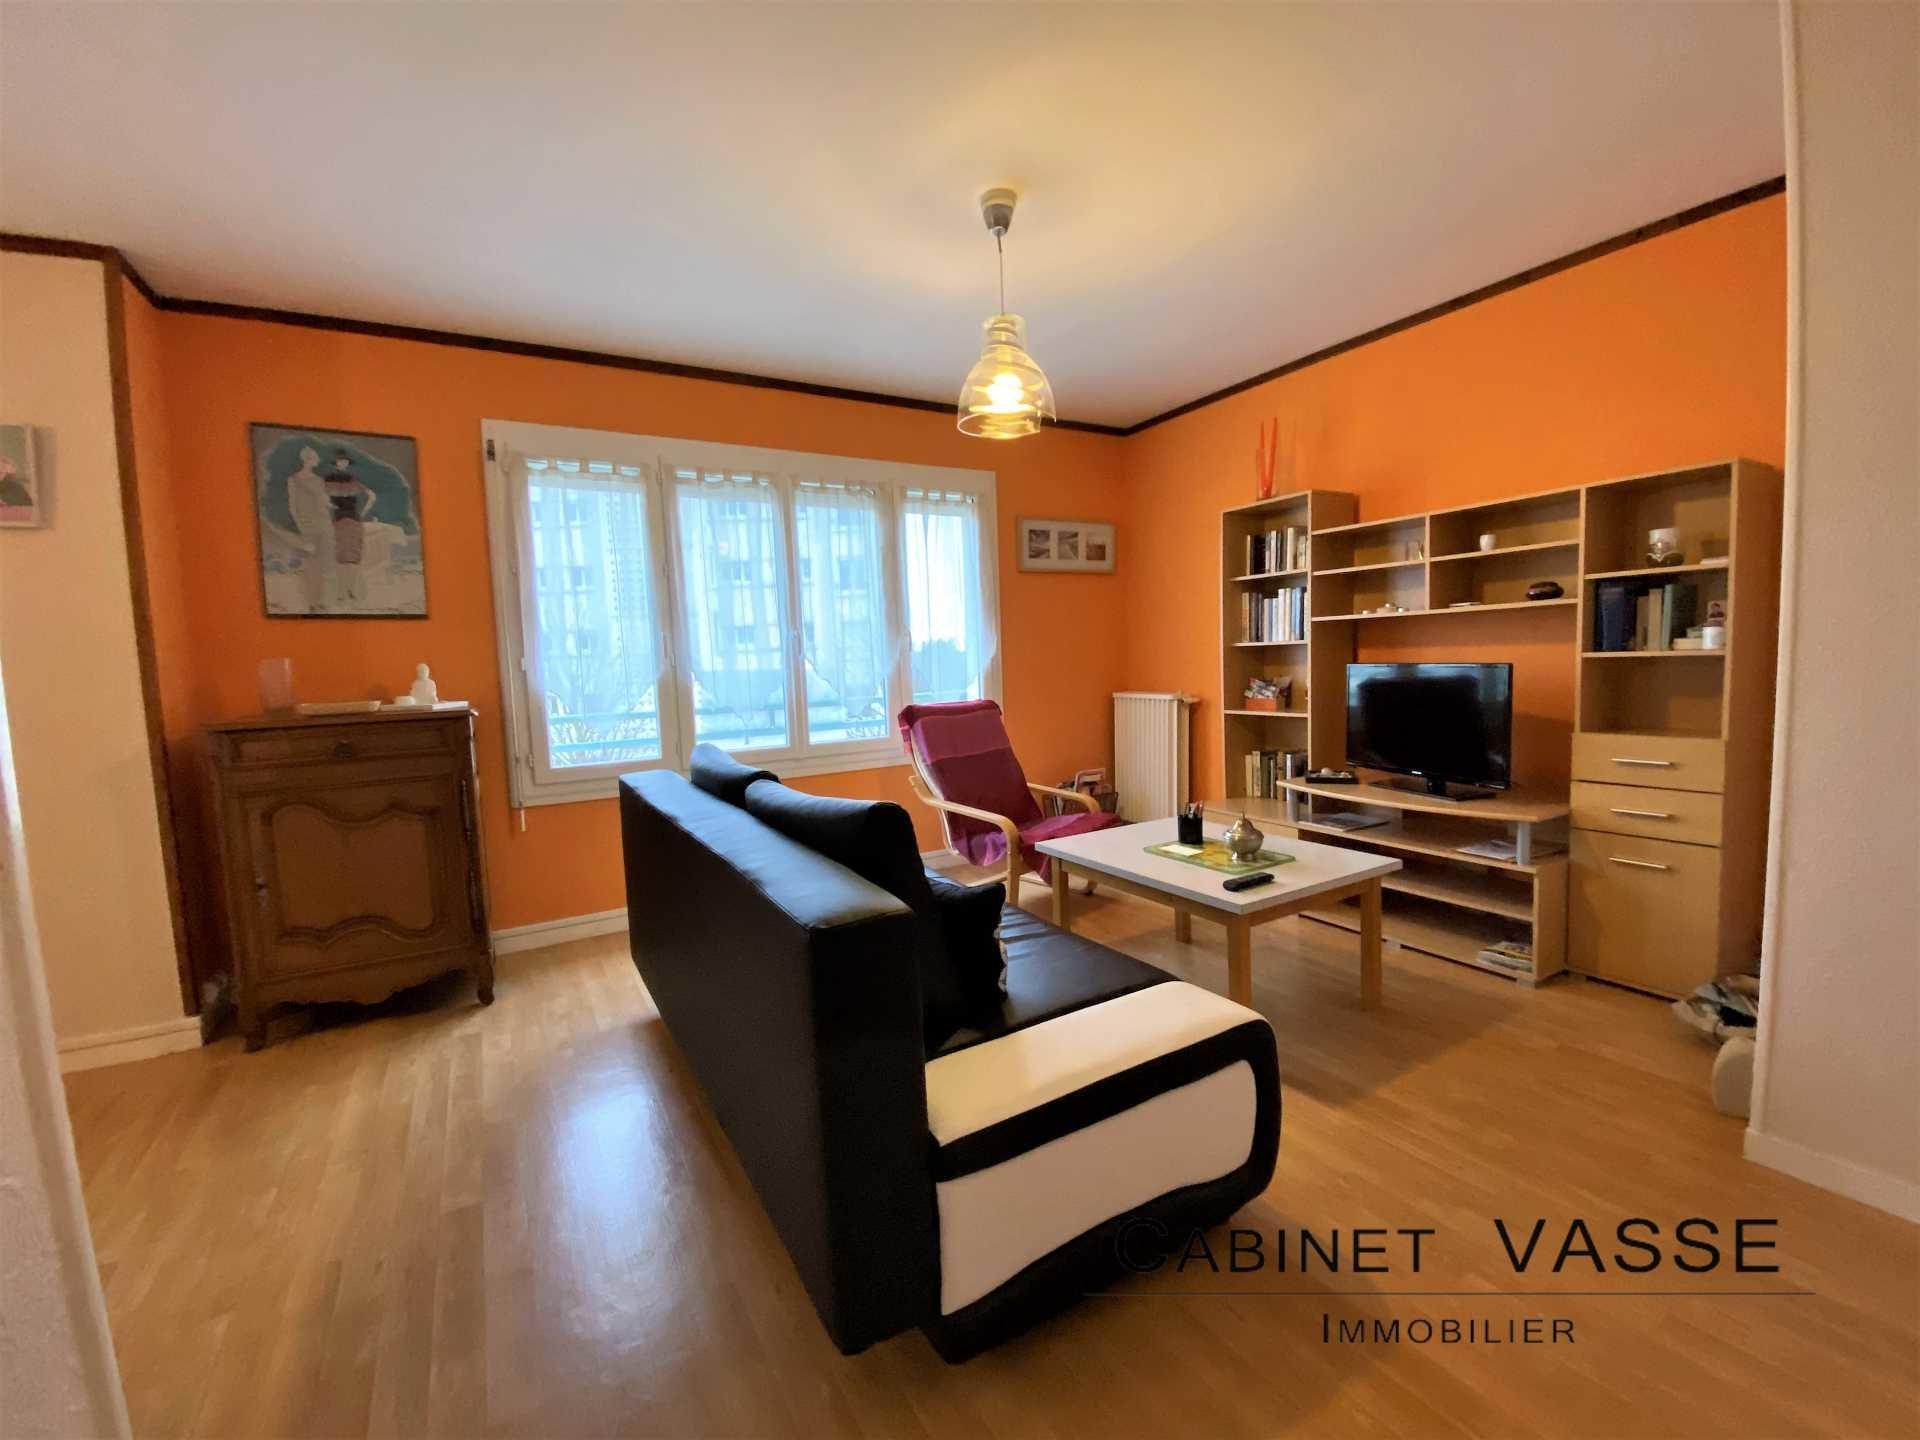 résidence, séjour, PVC DV, vasse, a vendre